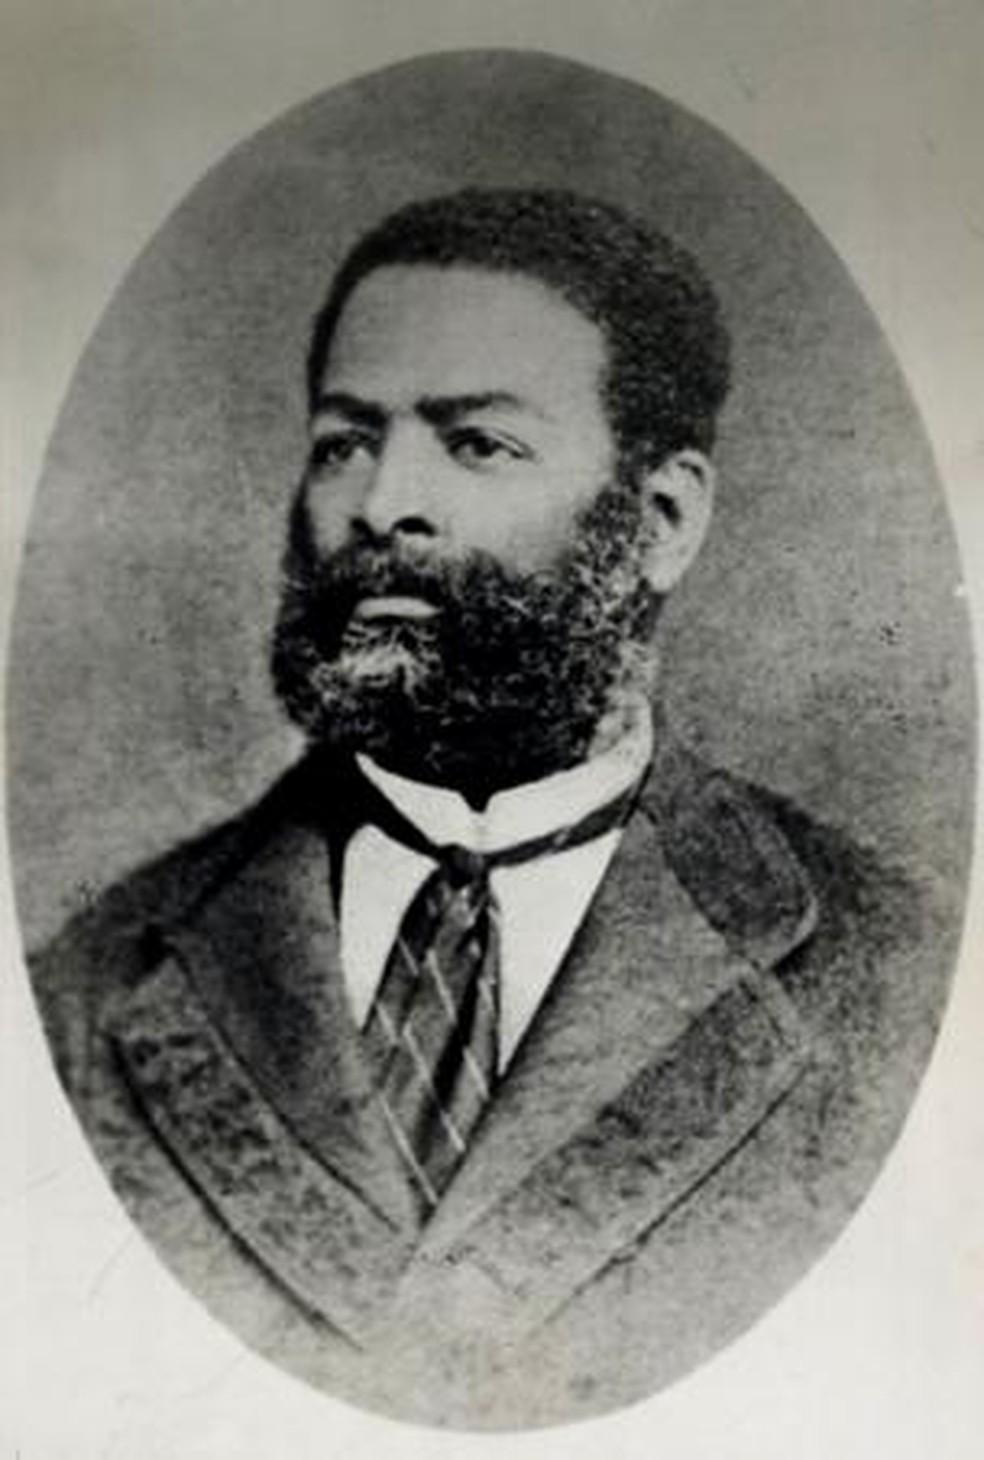 Calcula-se que Luís Gama tenha ajudado a libertar cerca de 500 escravos — Foto: Acervo Biblioteca Nacional - Brasil